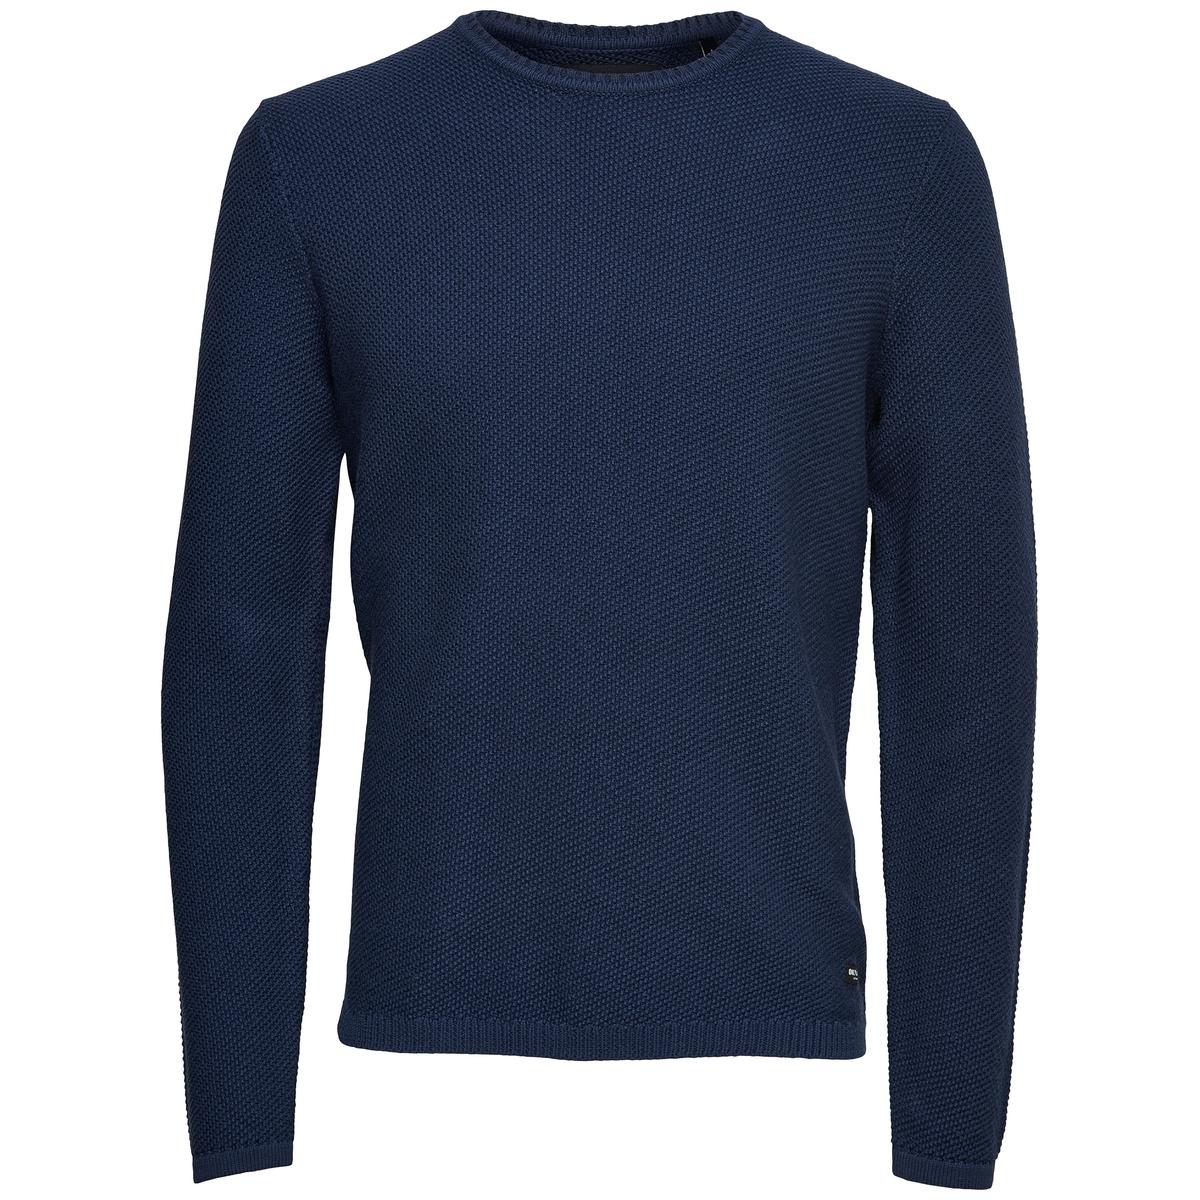 Пуловер из тонкого трикотажаОписание:Детали  •  Длинные рукава  •  Круглый вырез •  Тонкий трикотаж Состав и уход  •  100% хлопок  •  Следуйте советам по уходу, указанным на этикетке<br><br>Цвет: серый,синий морской,черный<br>Размер: XL.L